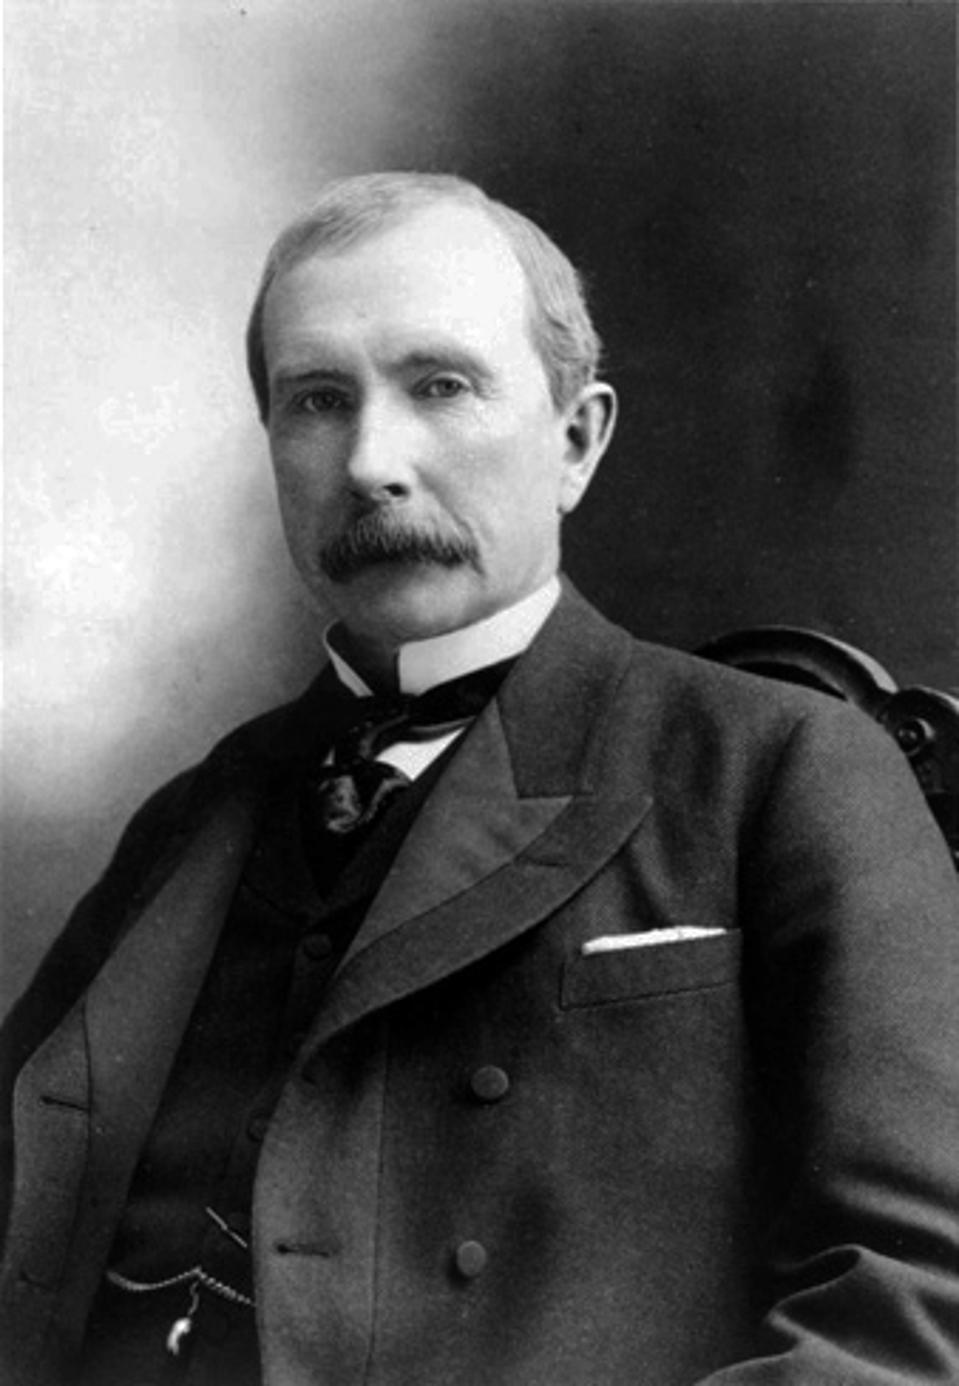 Black and white image of America's first monopolist John D. Rockefeller.